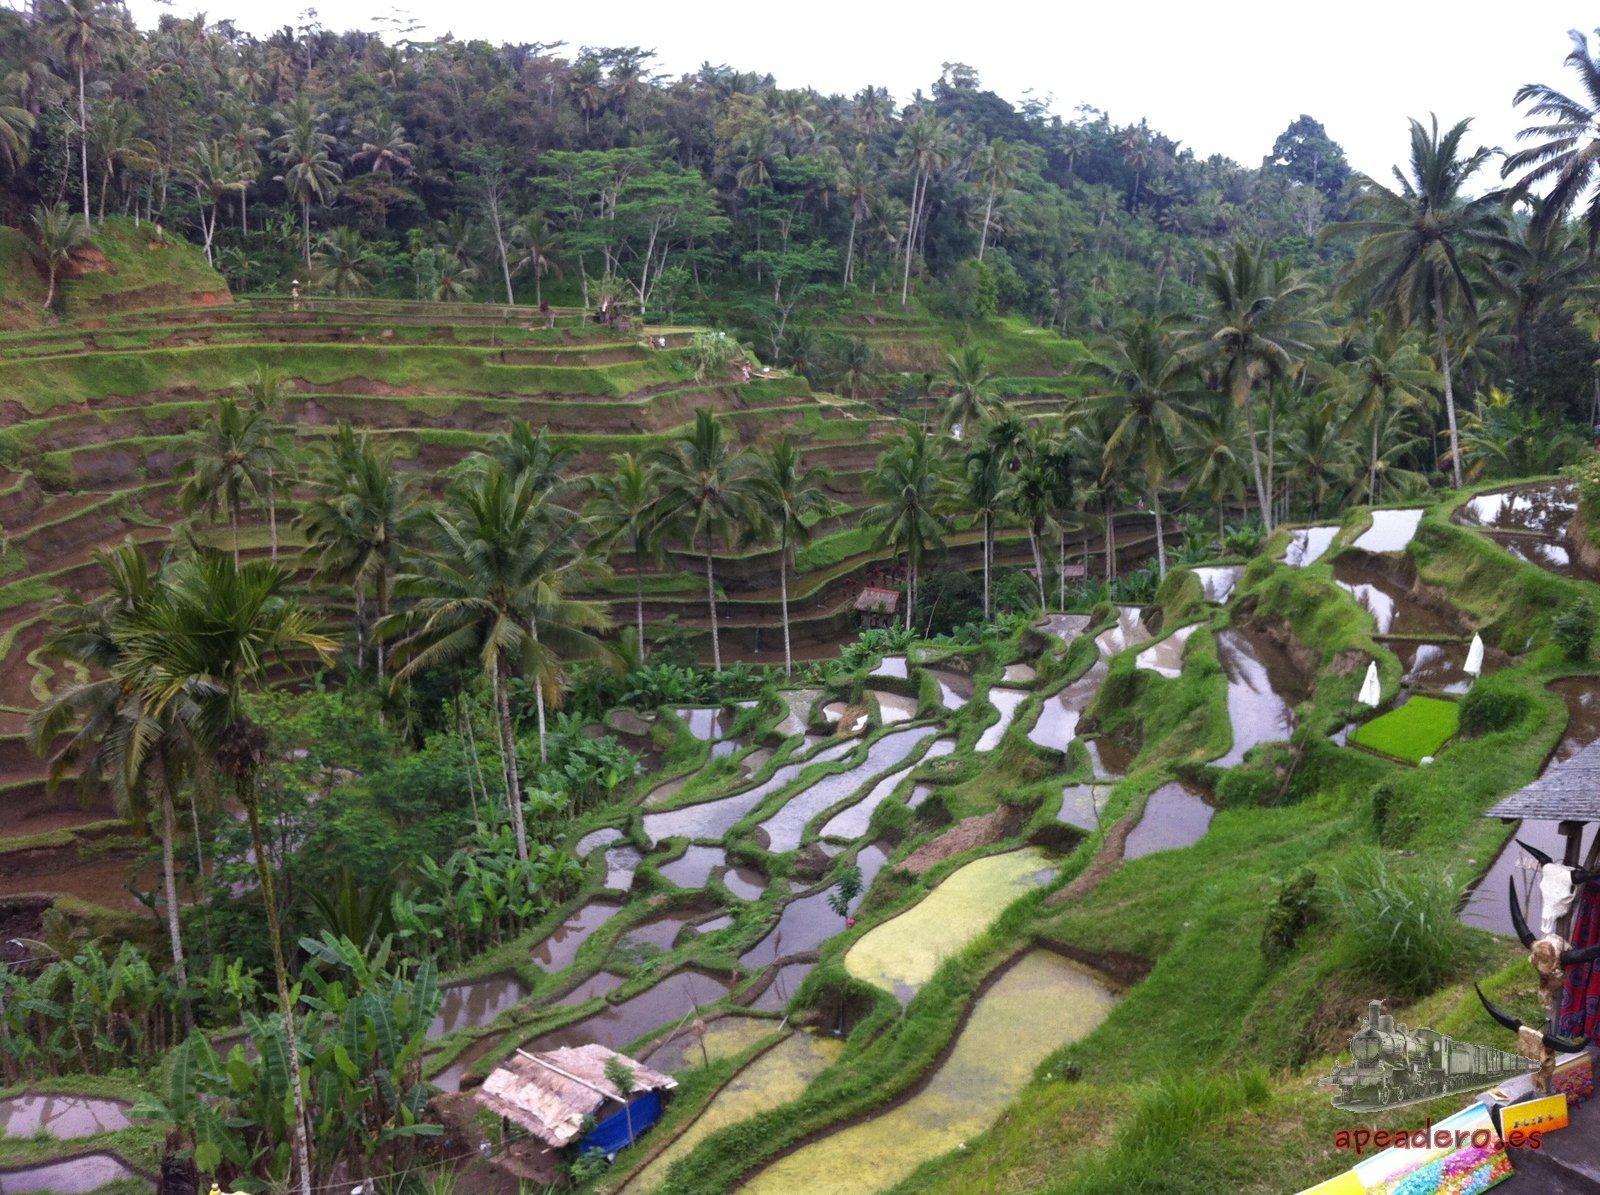 Las terrazas de arroz del norte de Bali sí son una visita obligatoria.